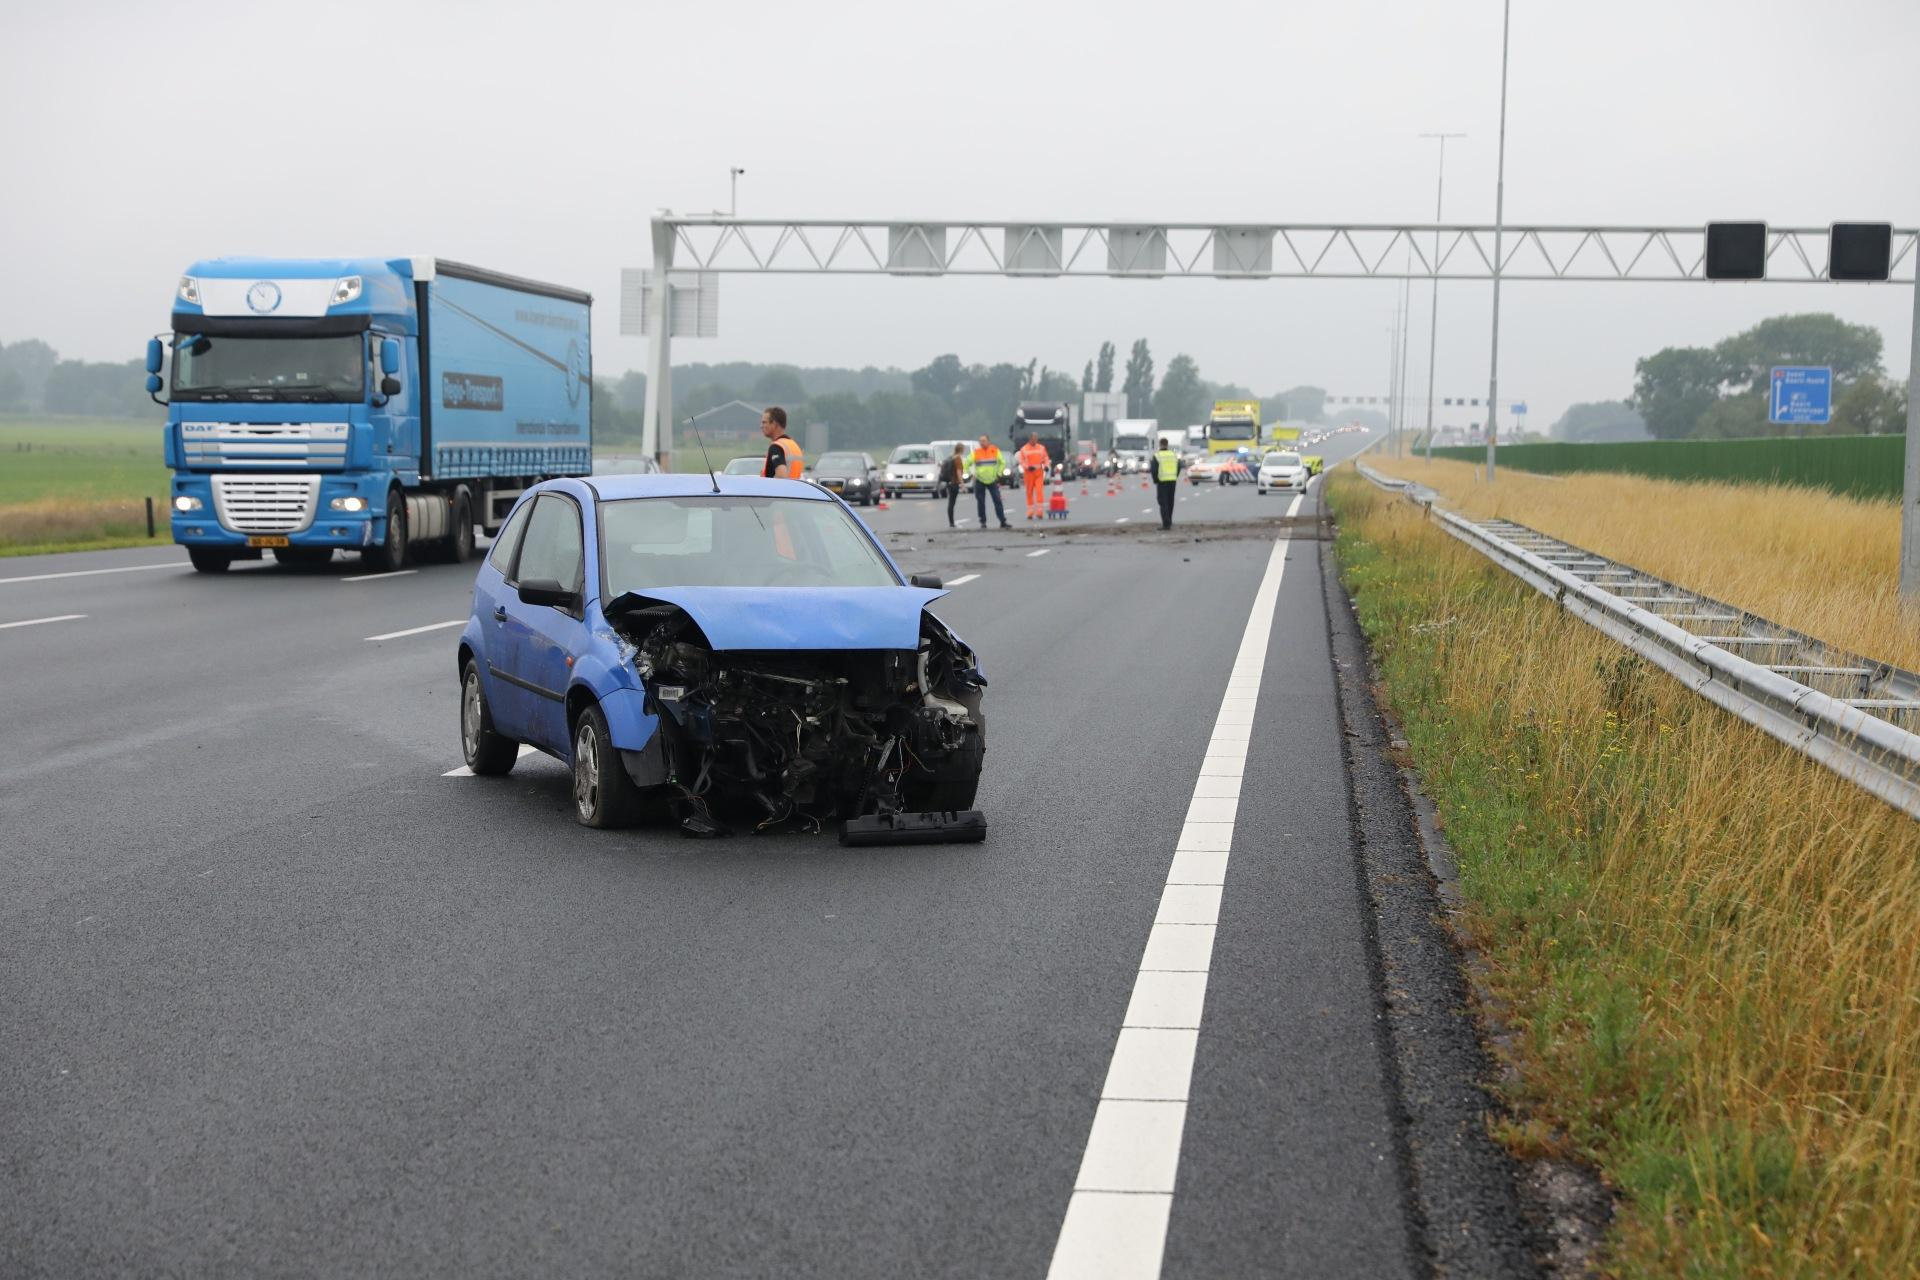 Vrouw gewond bij ongeval op de A1 bij Baarn, drie rijbanen afgesloten